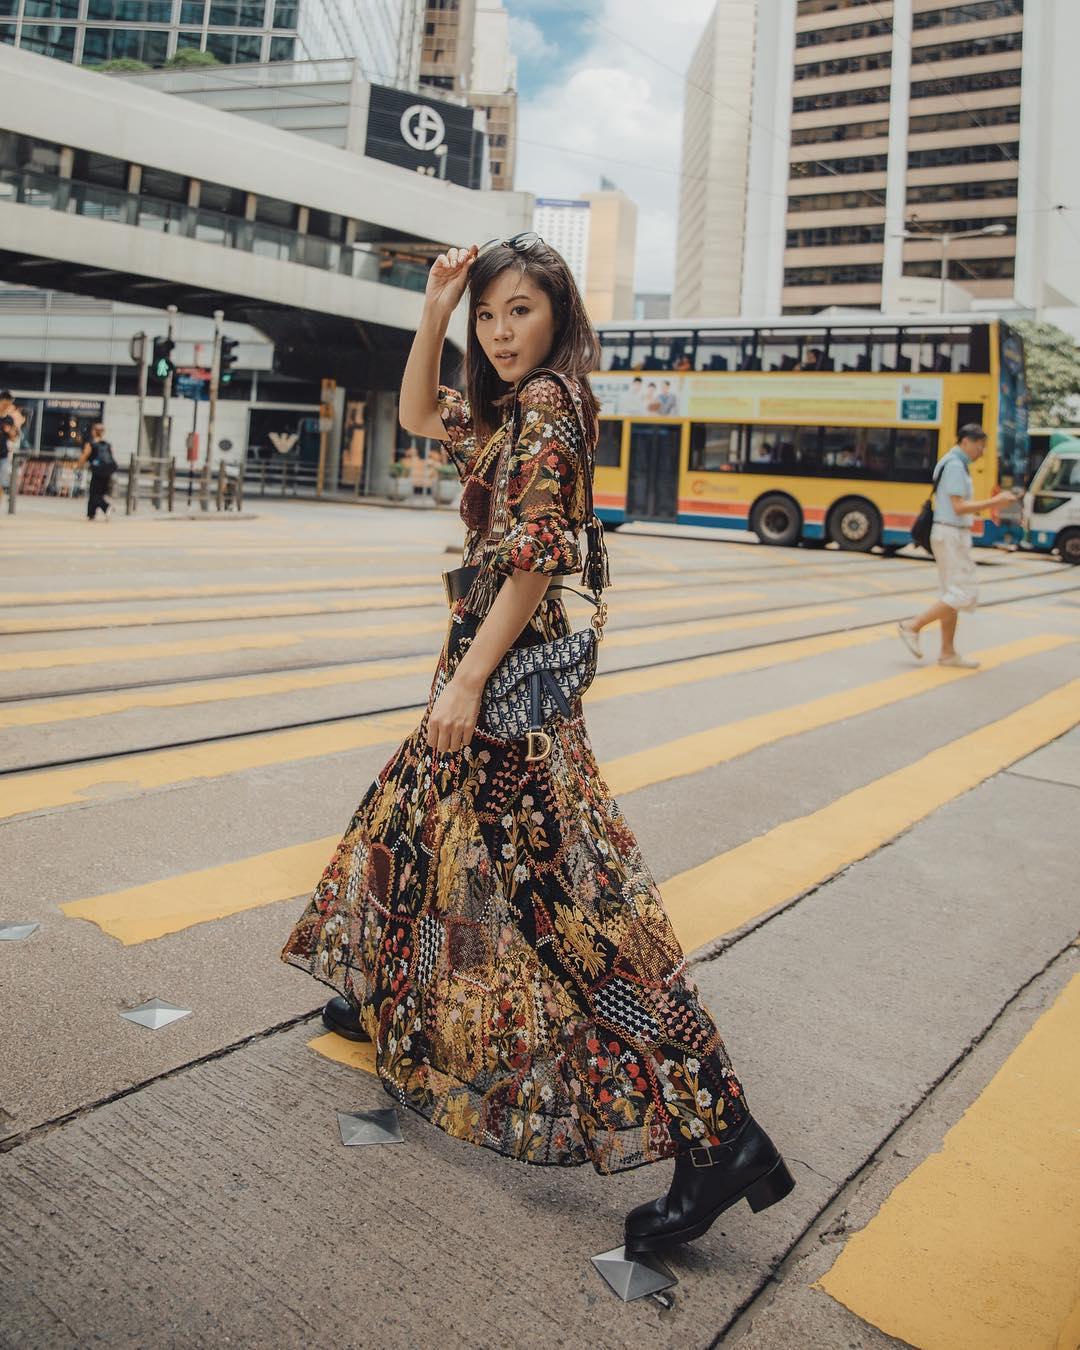 Street style mùa hè với đầm voan dài in hoa và giày bốt